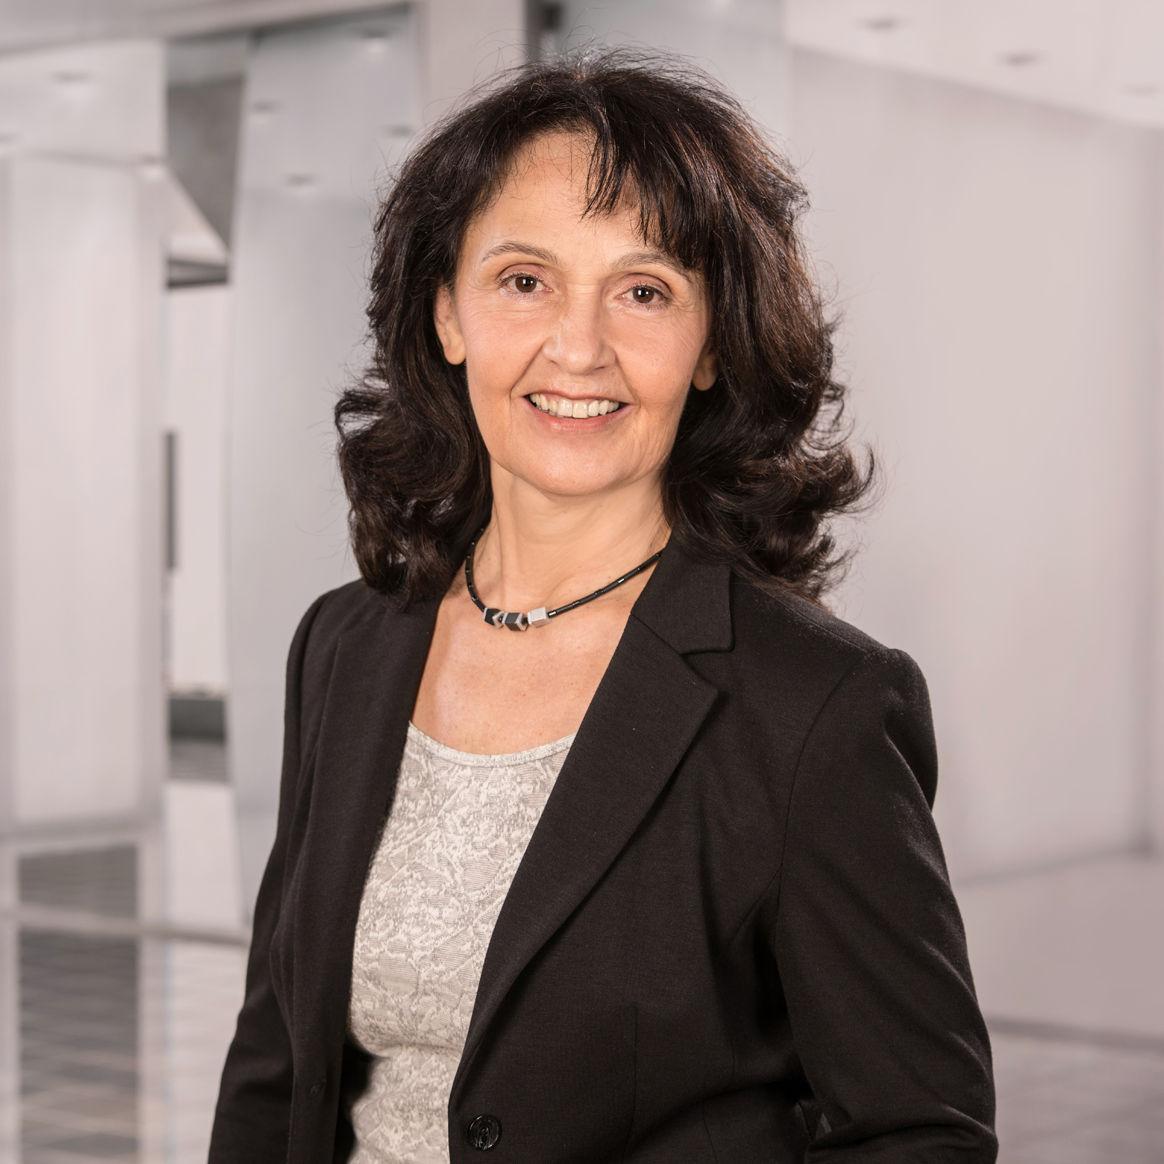 Karin Heintzmann - Personal - Heintzmann Maschinen- und Werkzeugbau GmbH